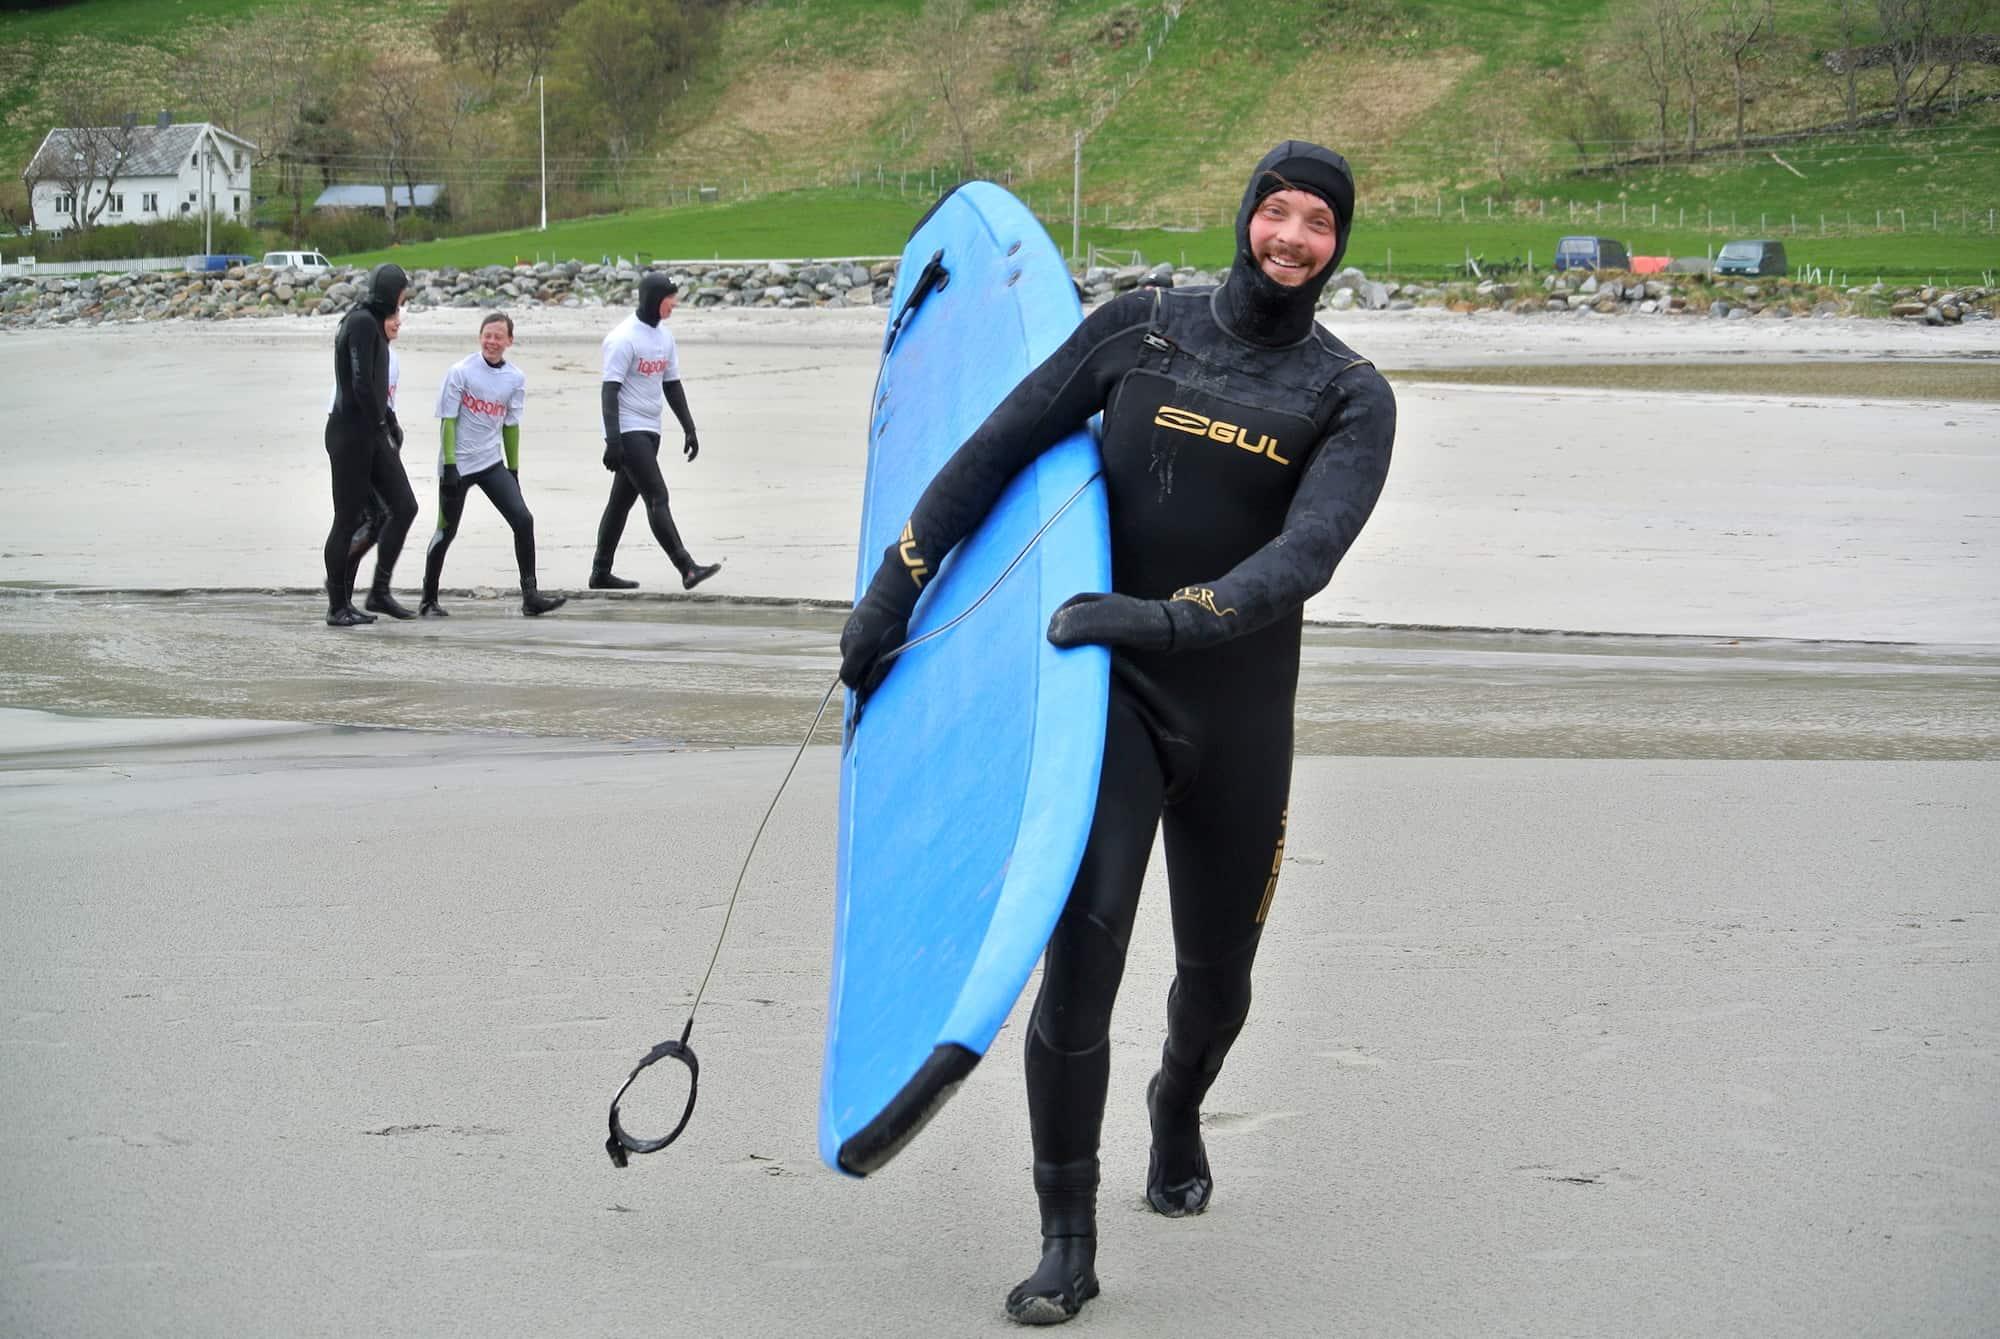 Skolesurf